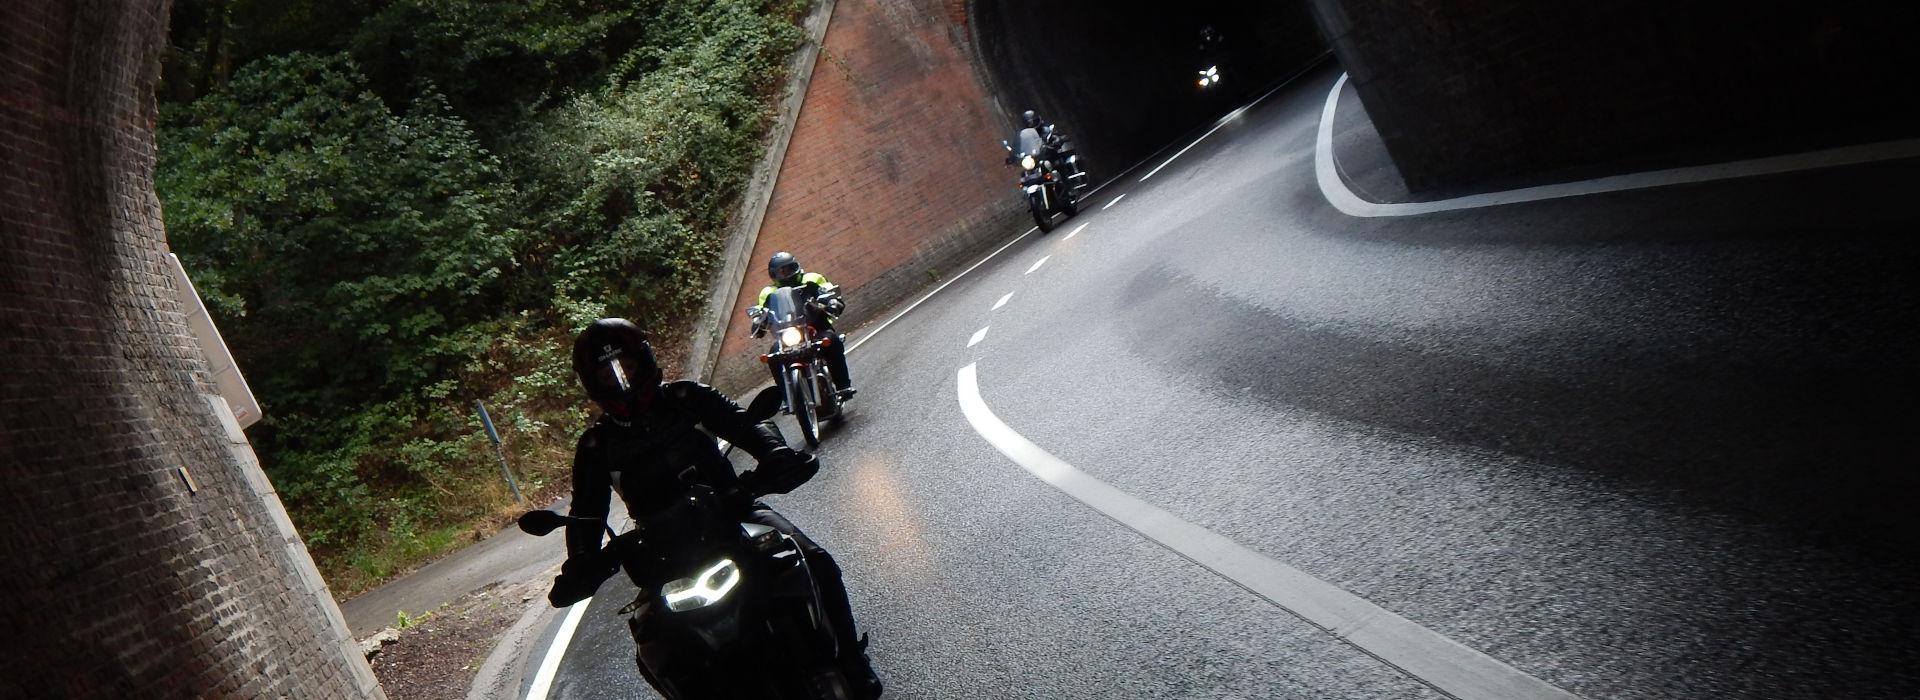 Motorrijbewijspoint Waalre spoed motorrijbewijs